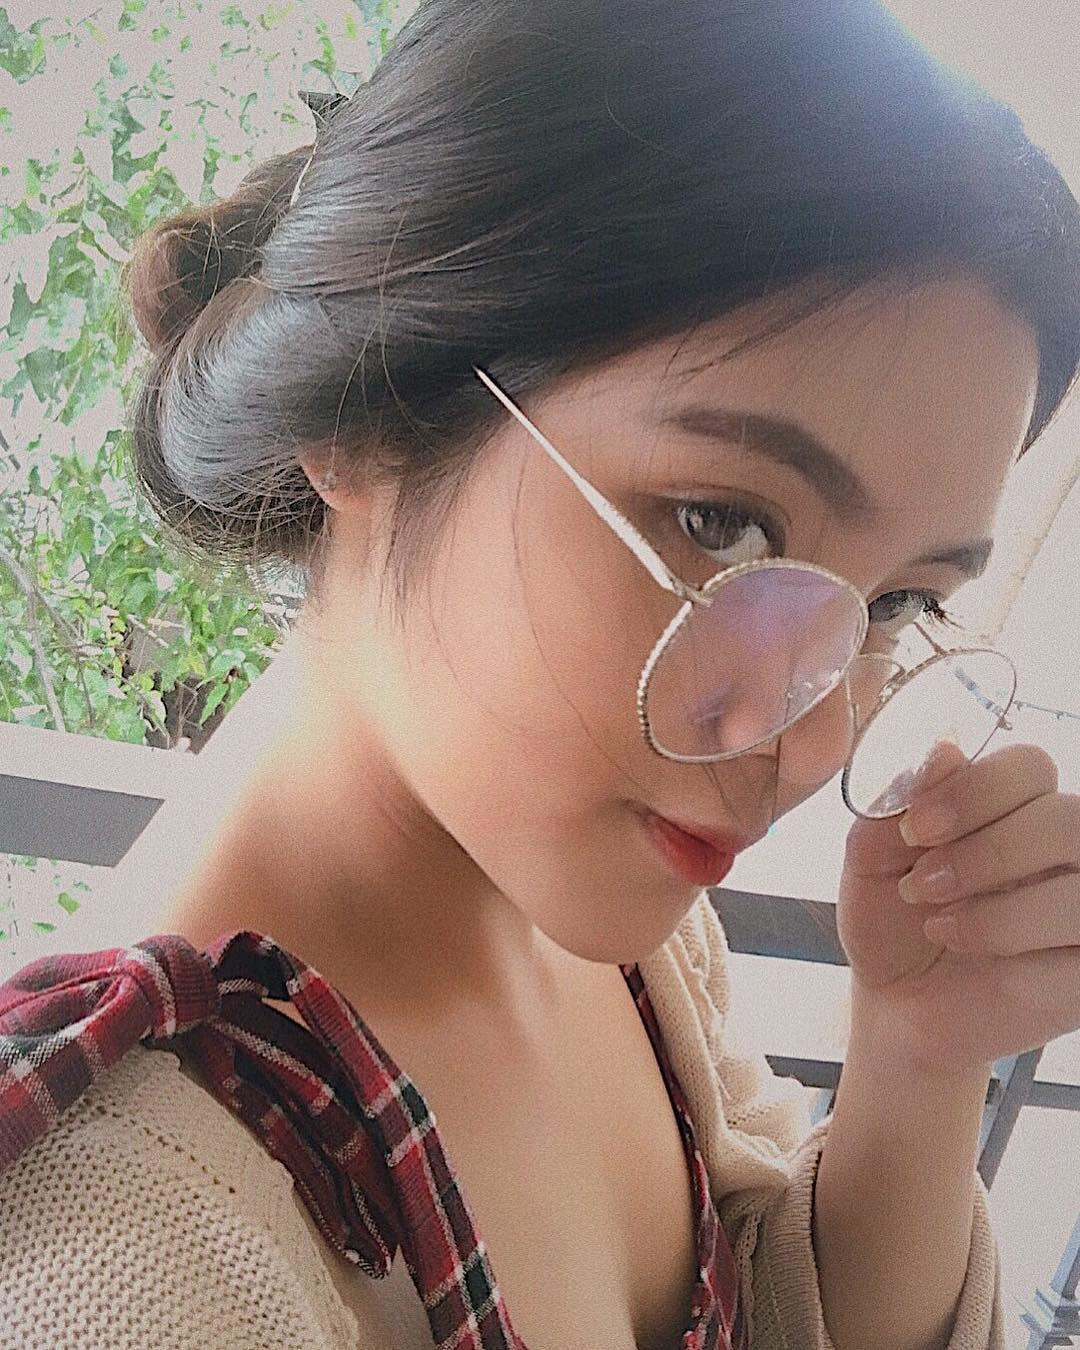 Báo Trung phát sốt về một nữ sinh Việt mặc áo dài, khen ngợi nhan sắc xinh đẹp đủ tầm tham gia showbiz-8